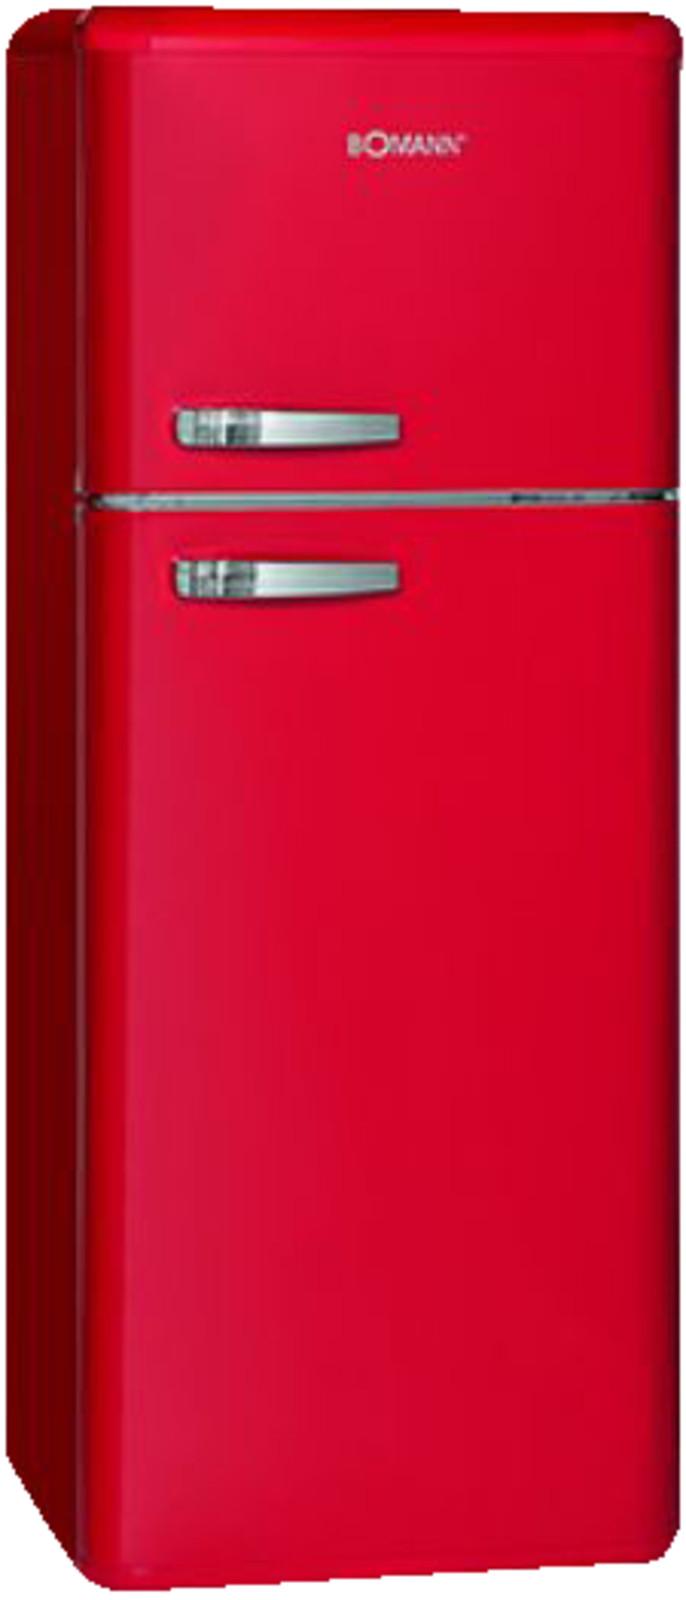 Bomann Dtr353, Kühlschrank, A++, 1440 Mm Hoch, Rot, Standgerät | Ebay